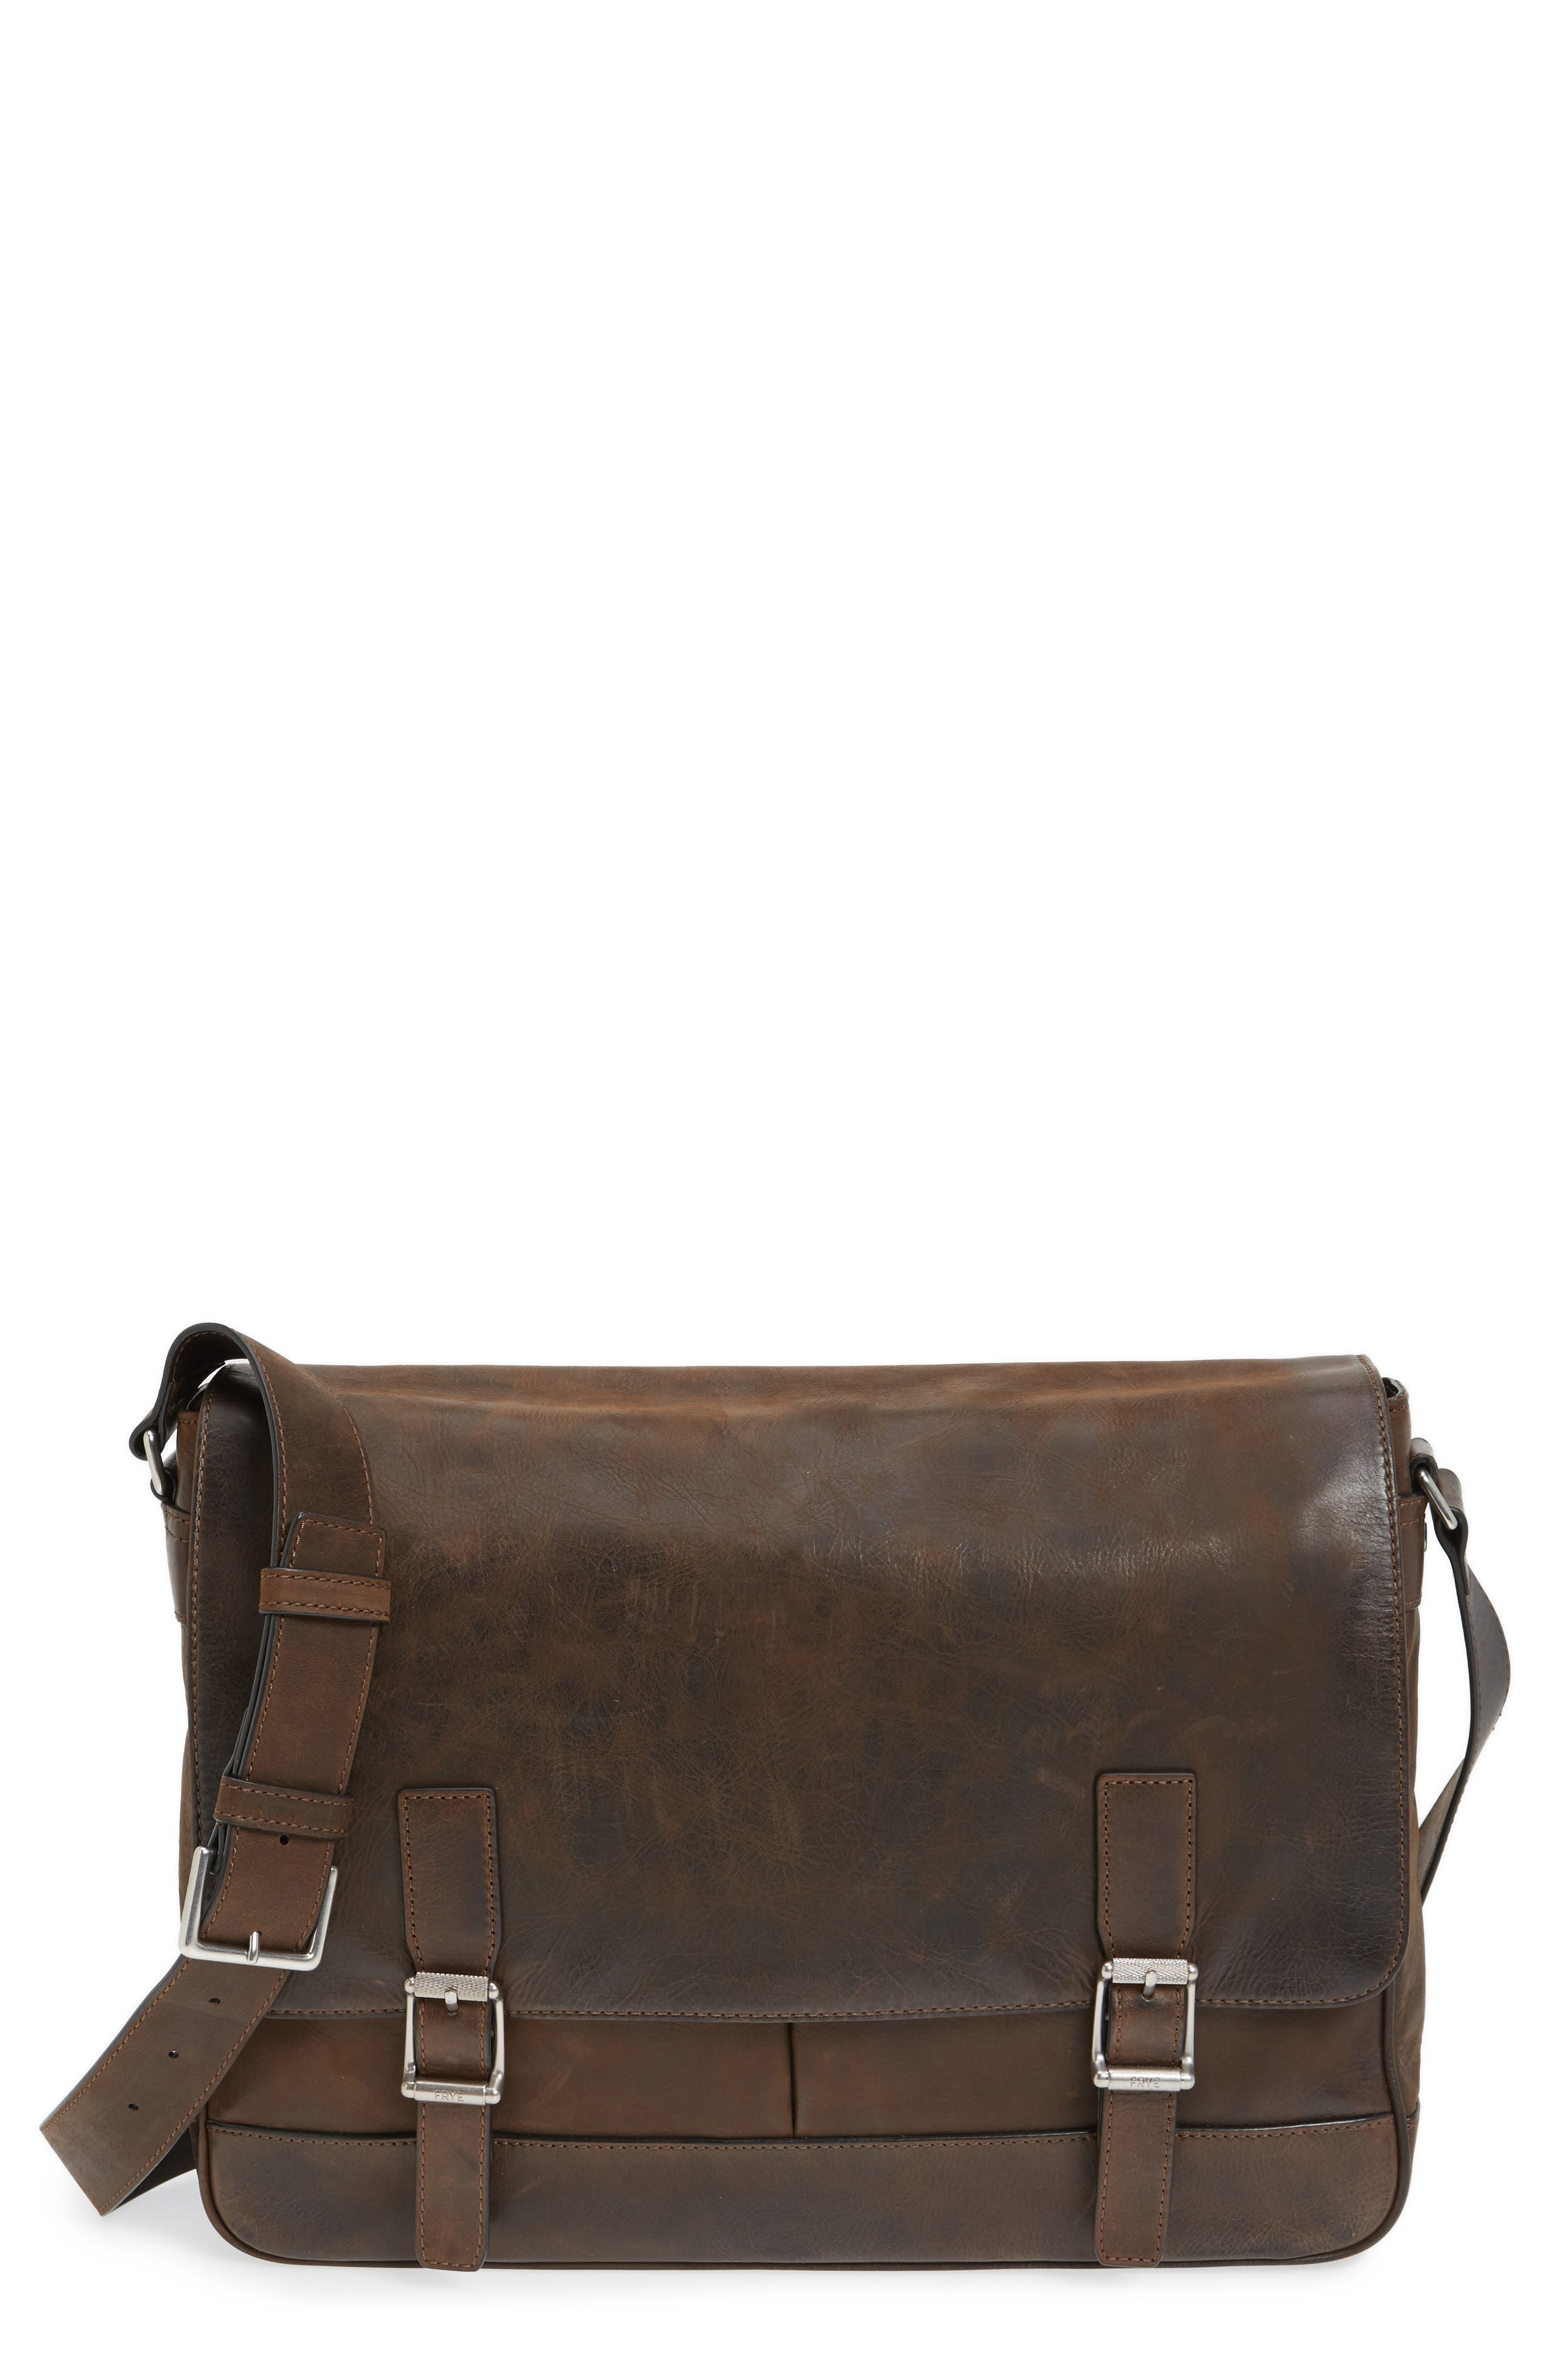 Oliver Leather Messenger Bag,                             Main thumbnail 1, color,                             Dark Brown